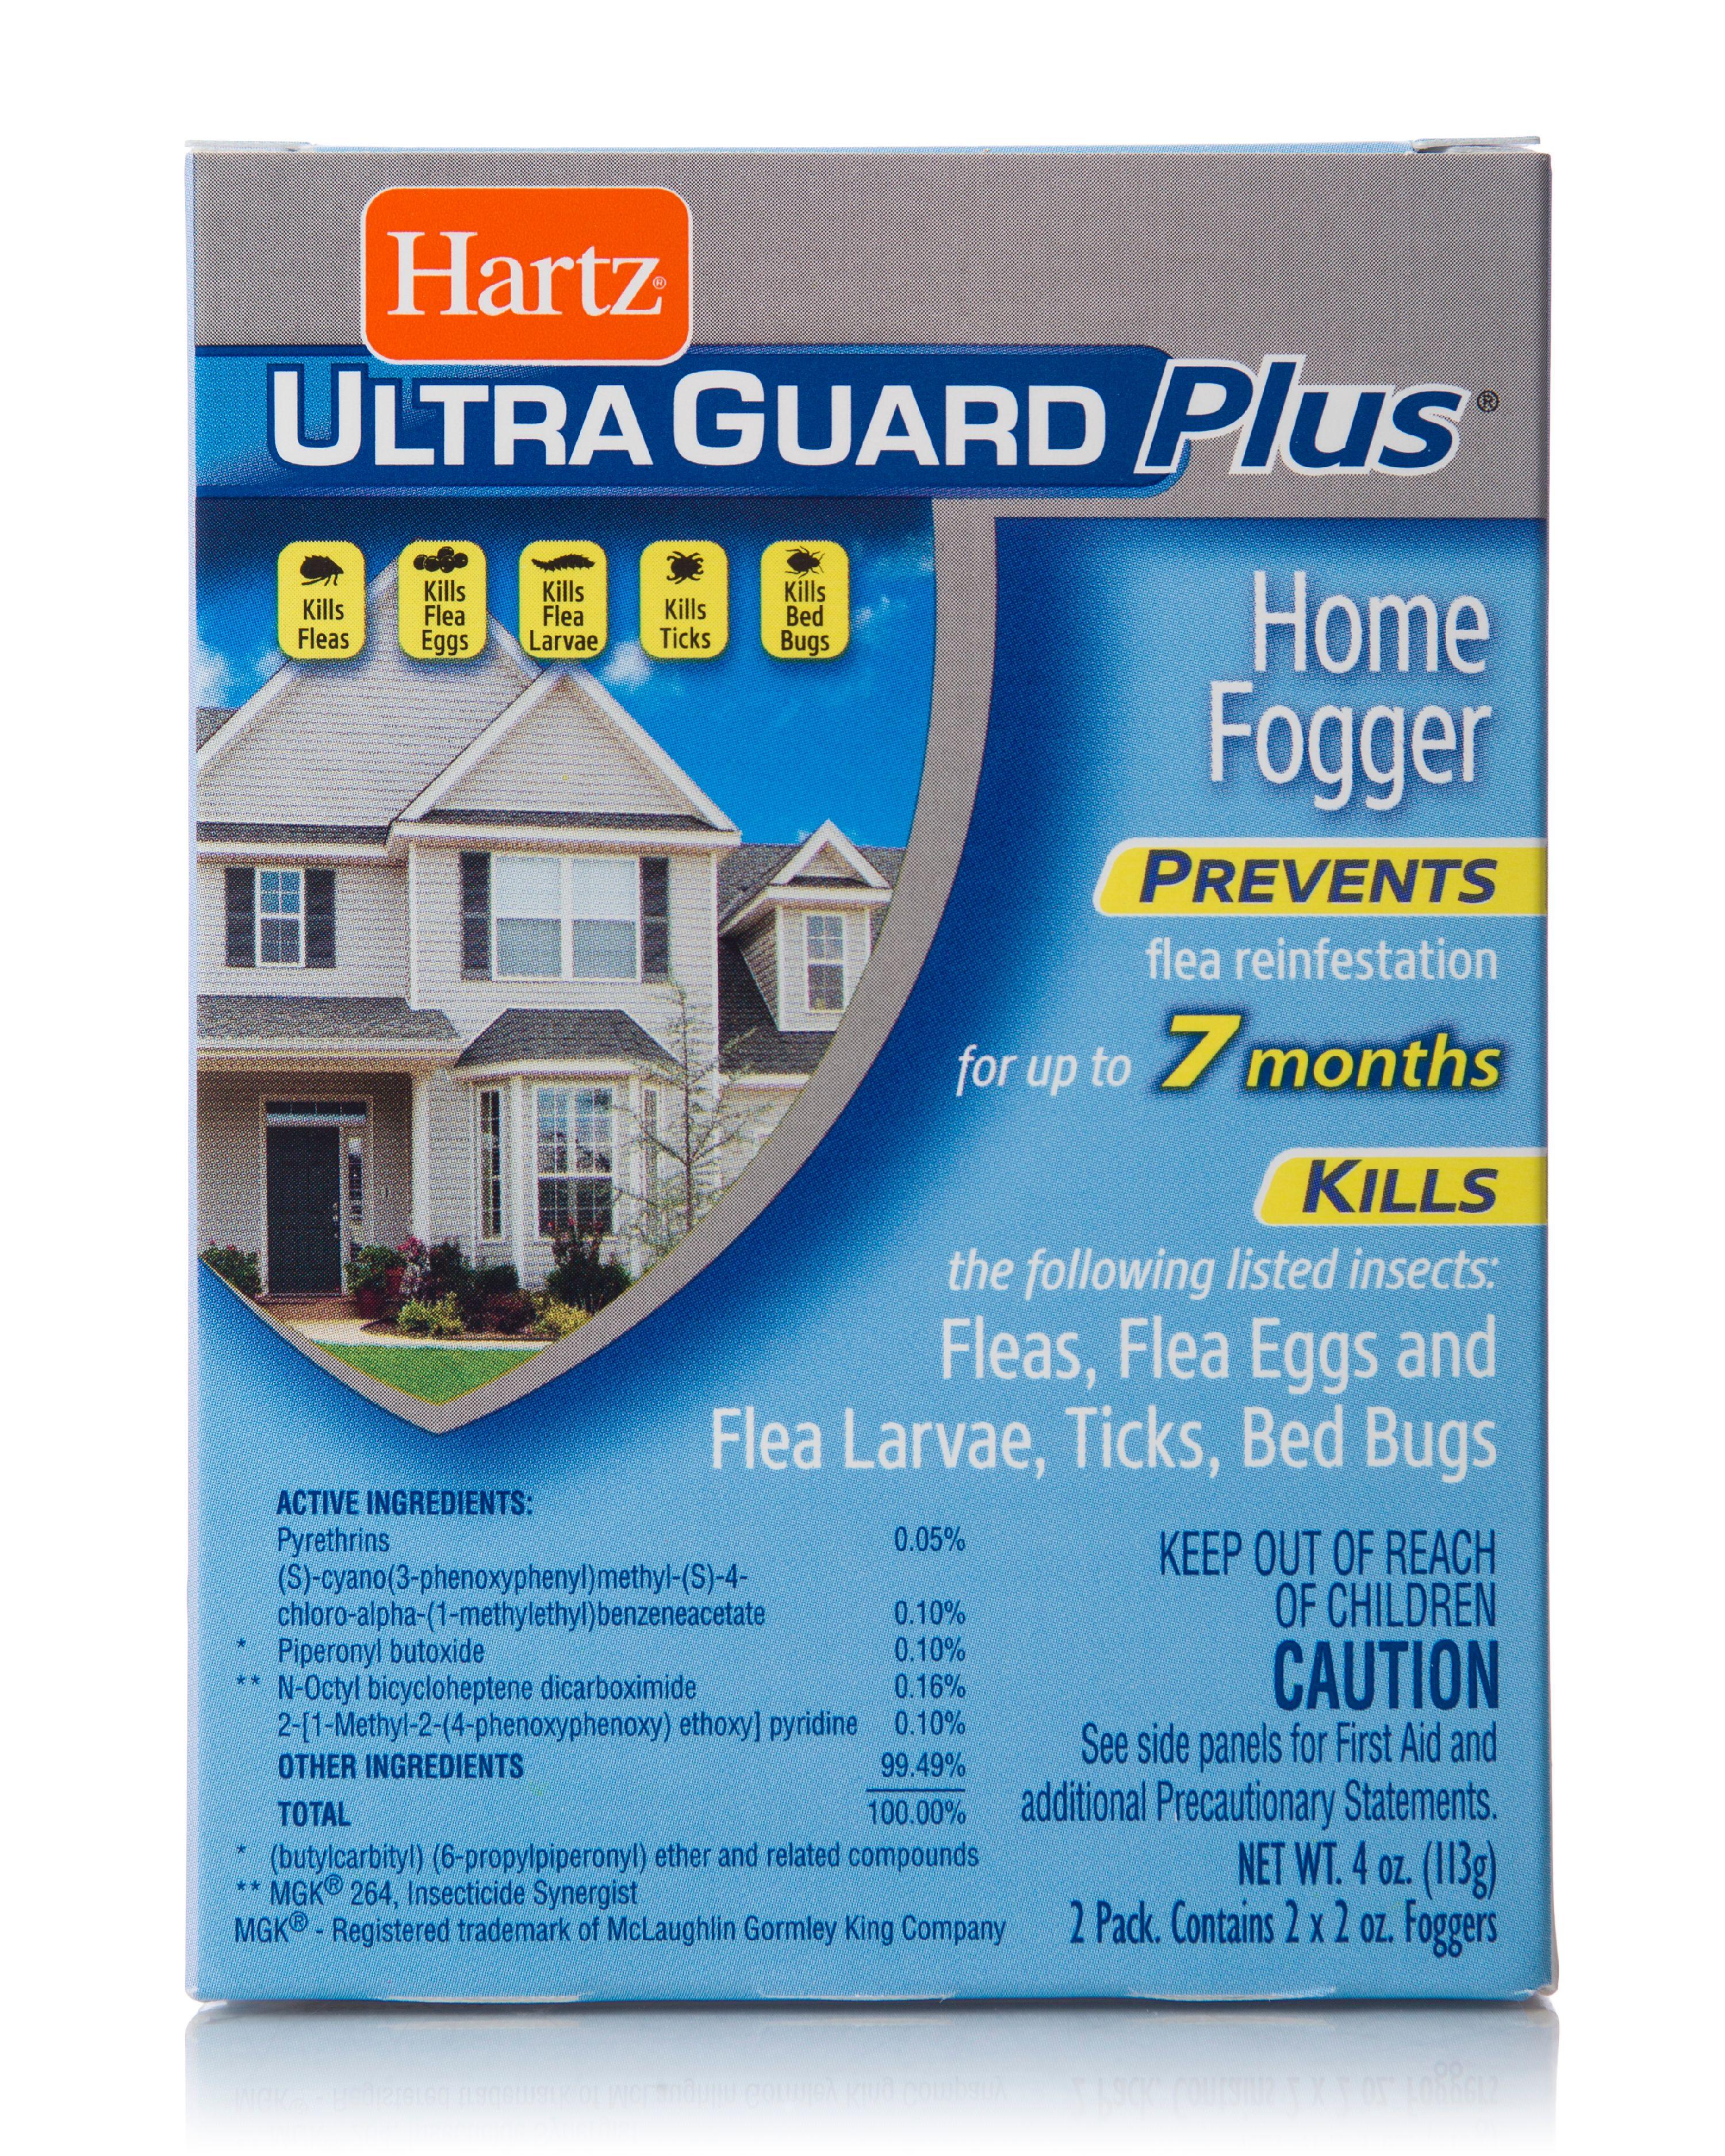 Hartz UltraGuard Plus Home Fogger, 2 Pack - Walmart.com